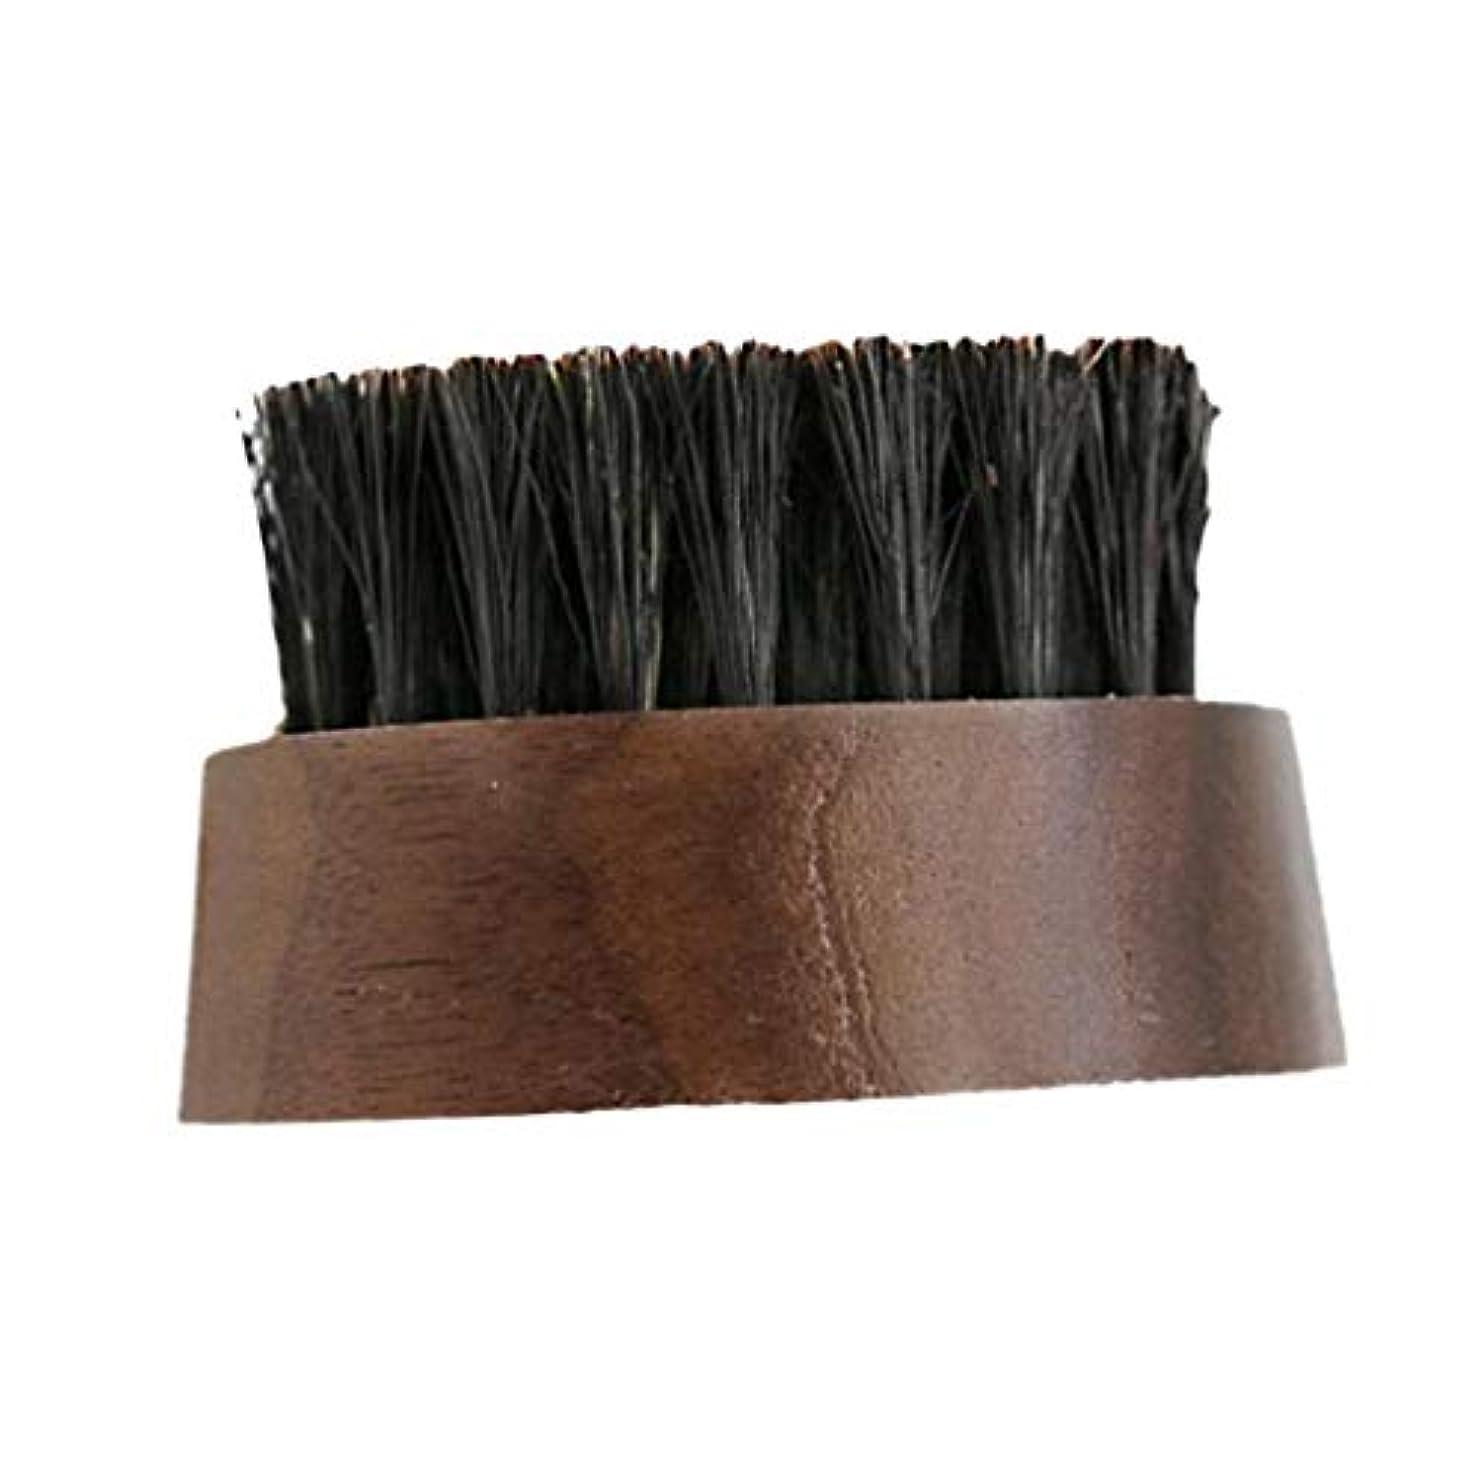 ラリードキドキ蓋dailymall 柔らかい毛ブラシシェービング木製ハンドル理髪ツール顔クリーナーブラシを剃る男性 - 褐色, 説明したように